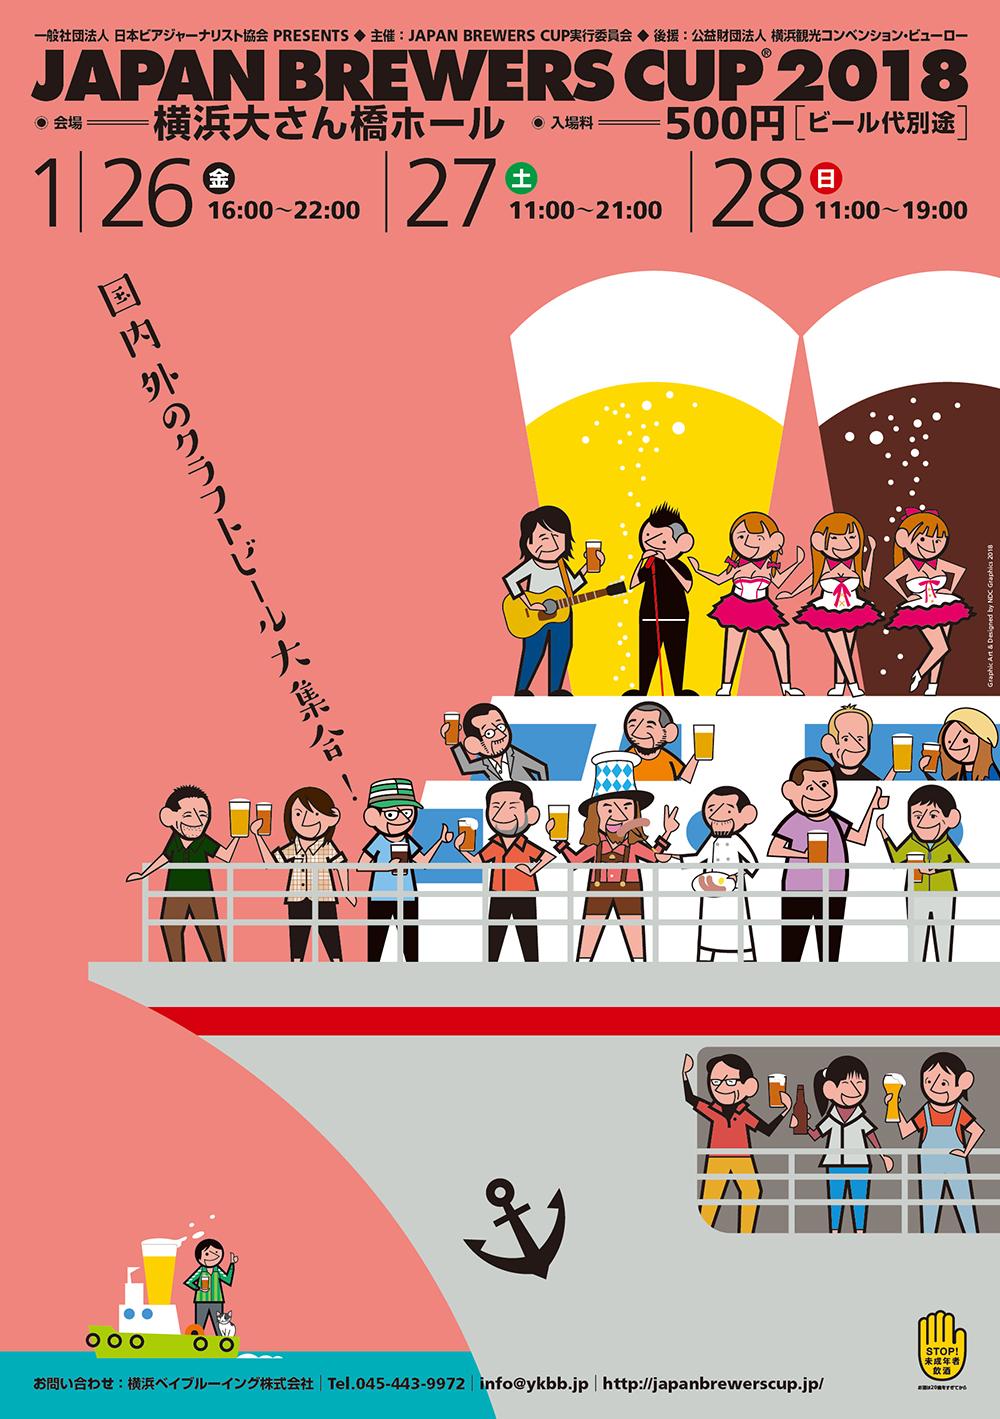 http://japanbrewerscup.jp/BrewersCup2018_Flyer_01.jpg